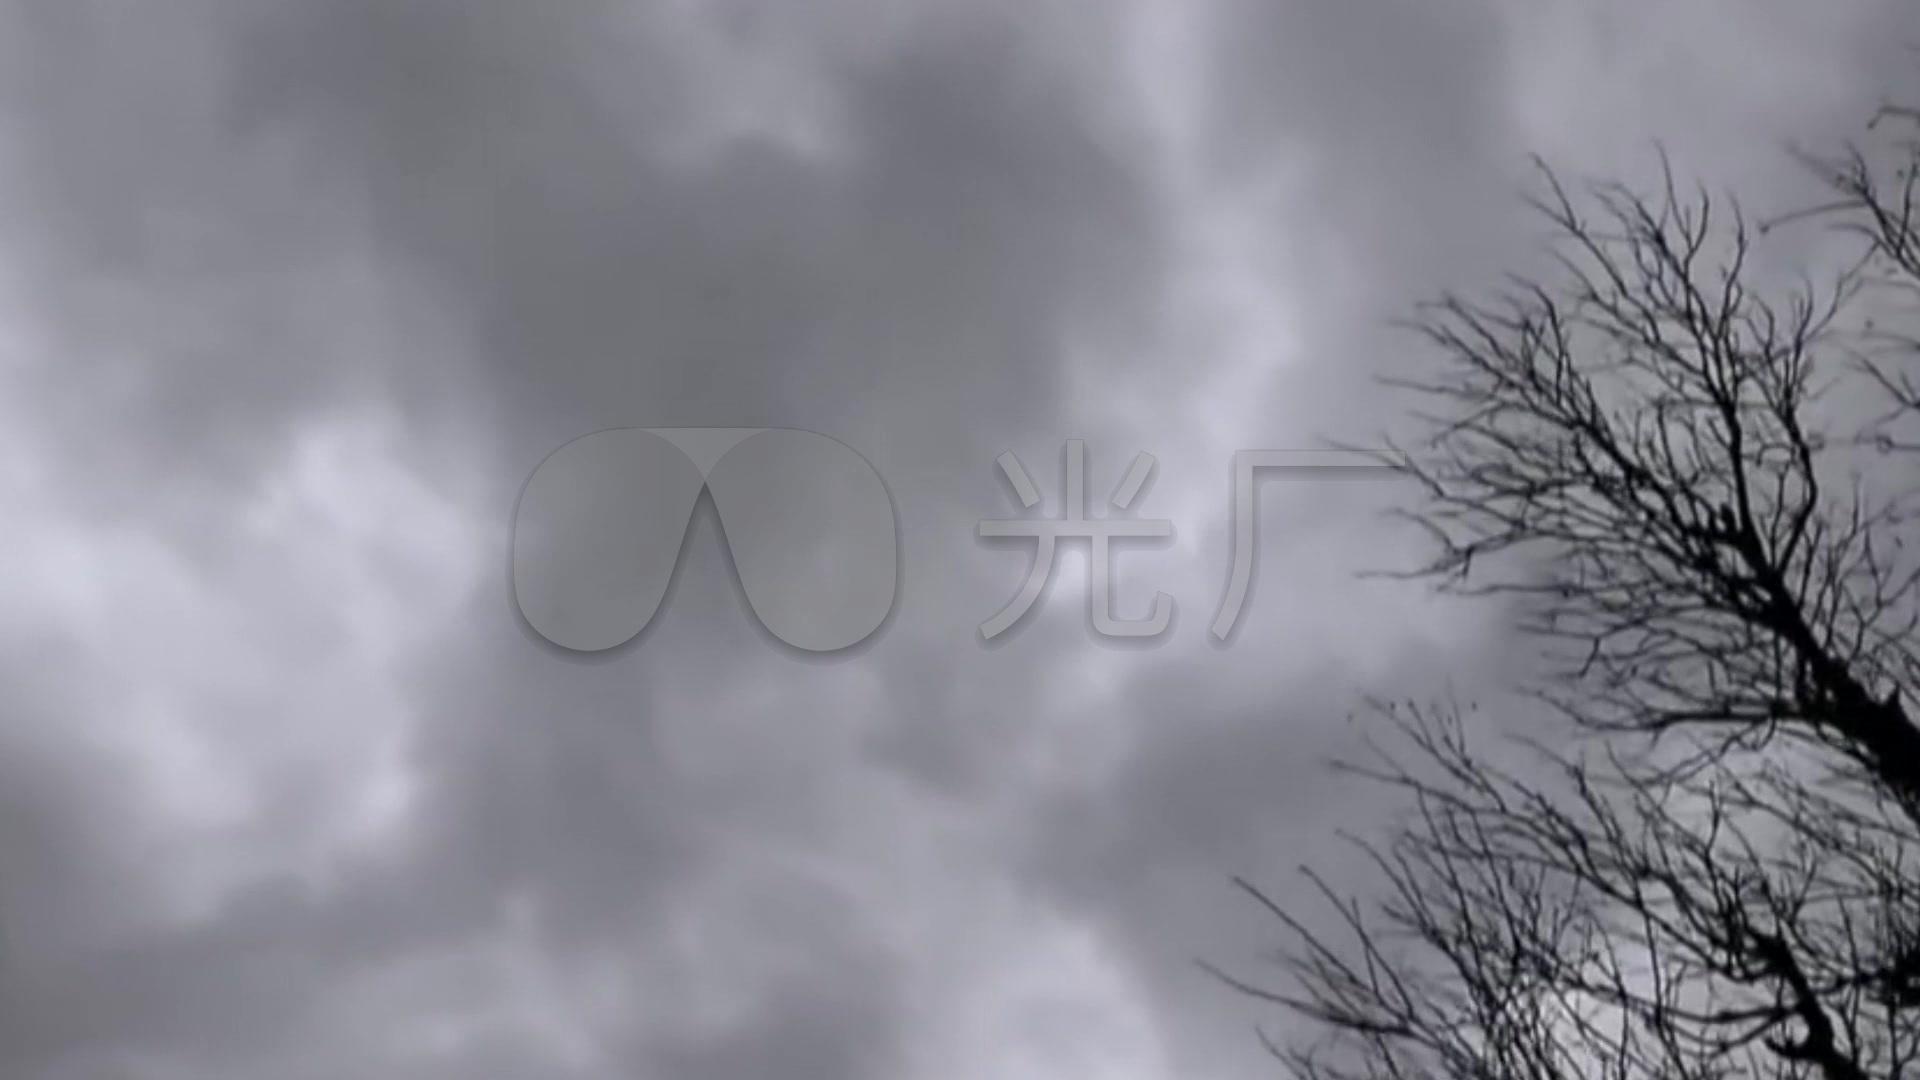 阴天乌云下雨打雷视频素材